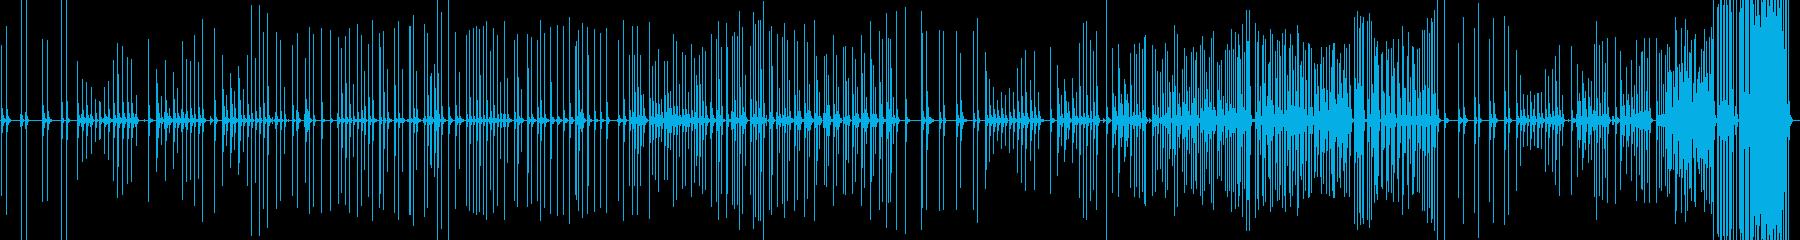 三味線193紀州道成寺9祈り絵巻安珍清姫の再生済みの波形